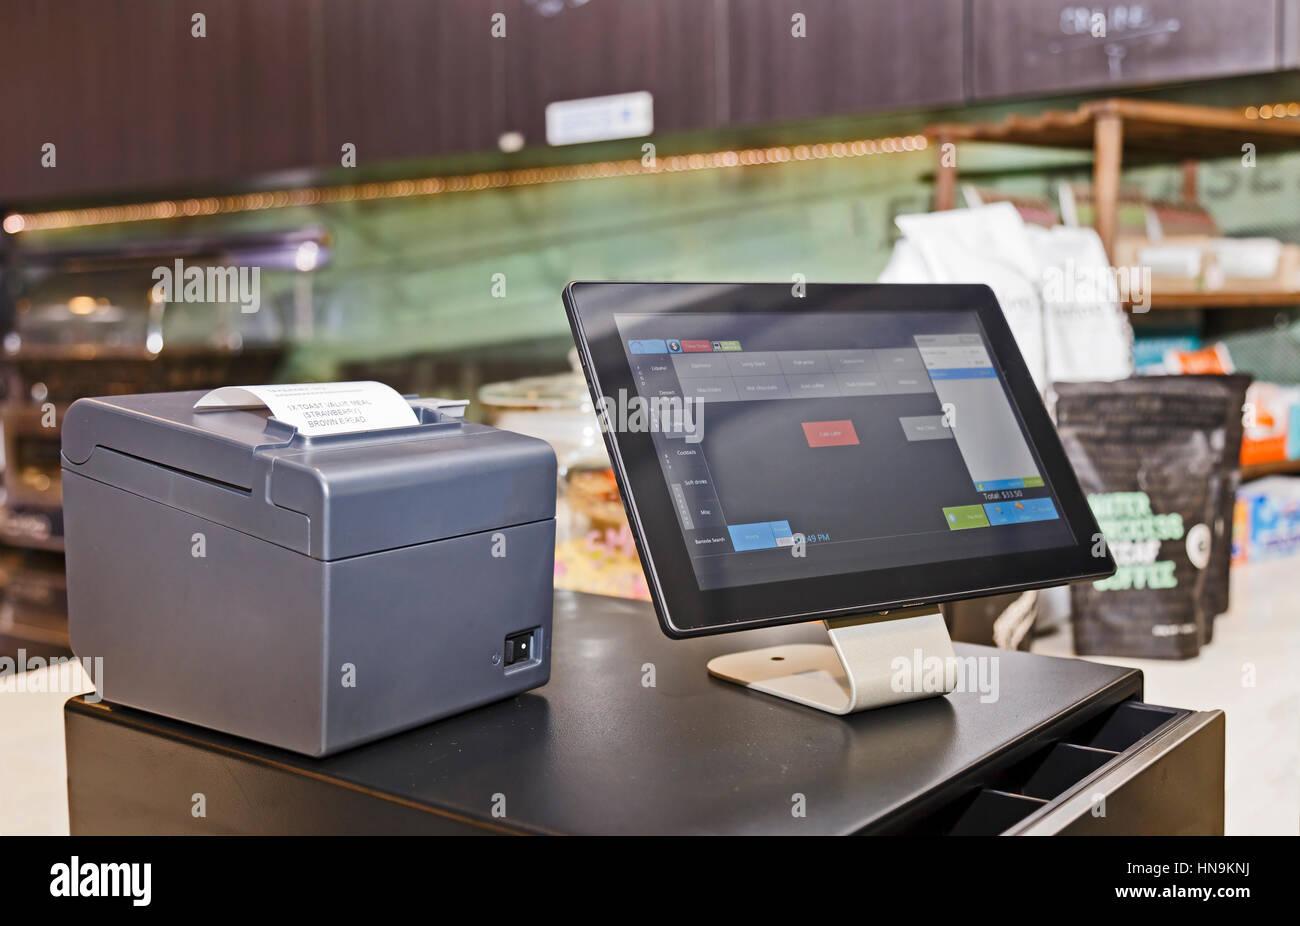 Punto de venta minorista en terminal informático servicio de cafetería. Pantalla táctil con interfaz Imagen De Stock